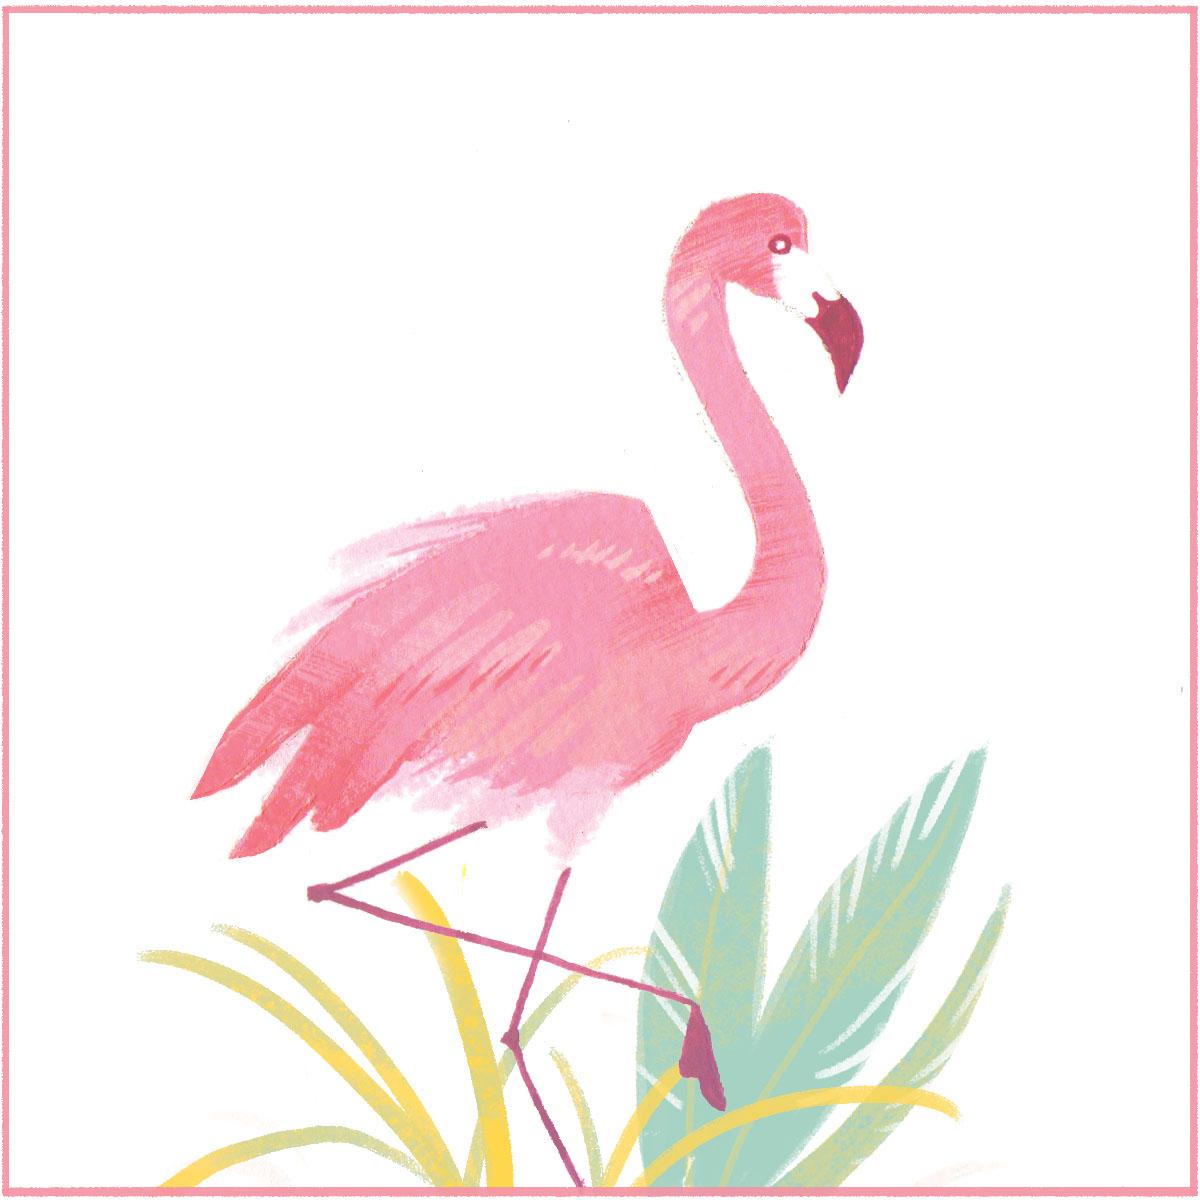 Flamingo crop rgb.jpg